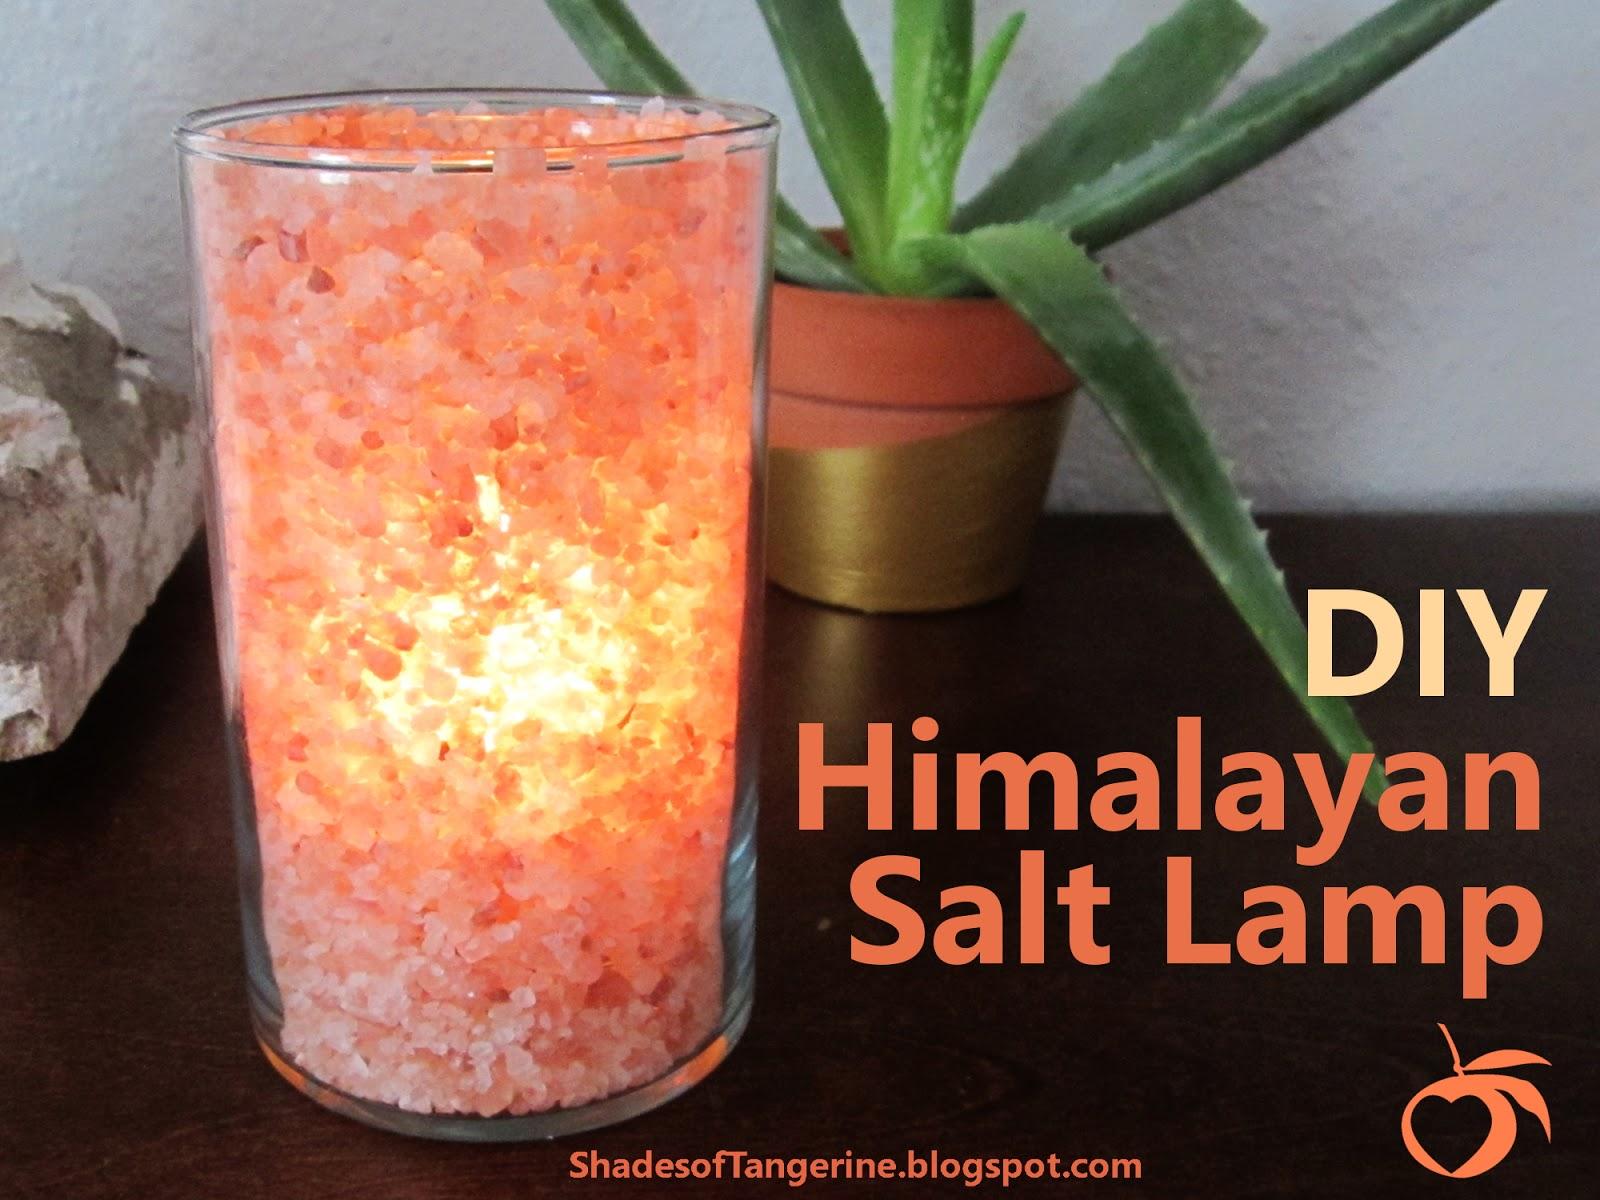 Himalayan Salt Lamps Diy : Shades Of Tangerine: DIY Himalayan Salt Lamp